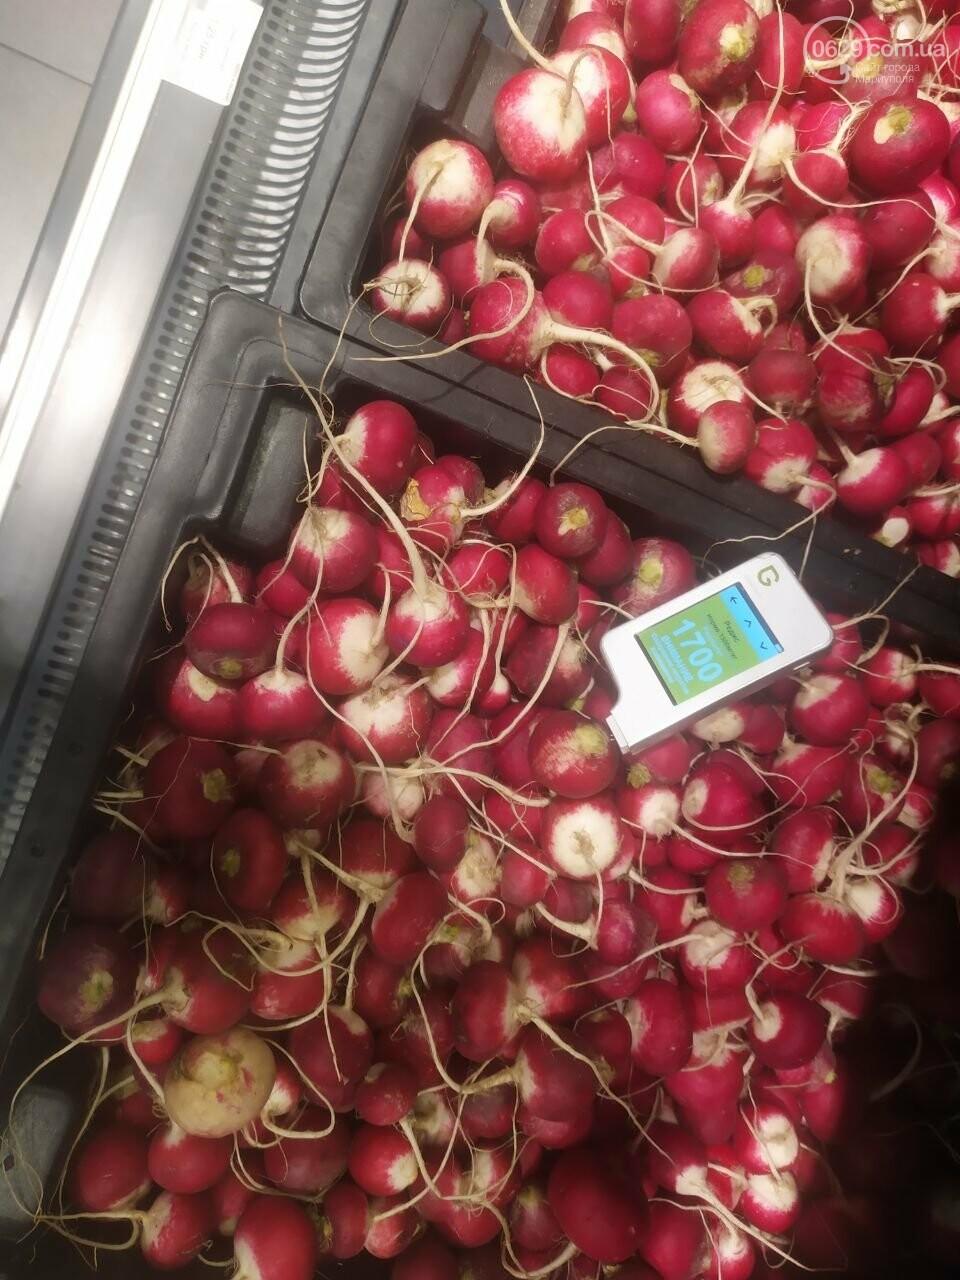 Осторожно, нитраты! В супермаркетах Мариуполя продают опасную редиску и капусту, - ФОТО, фото-4